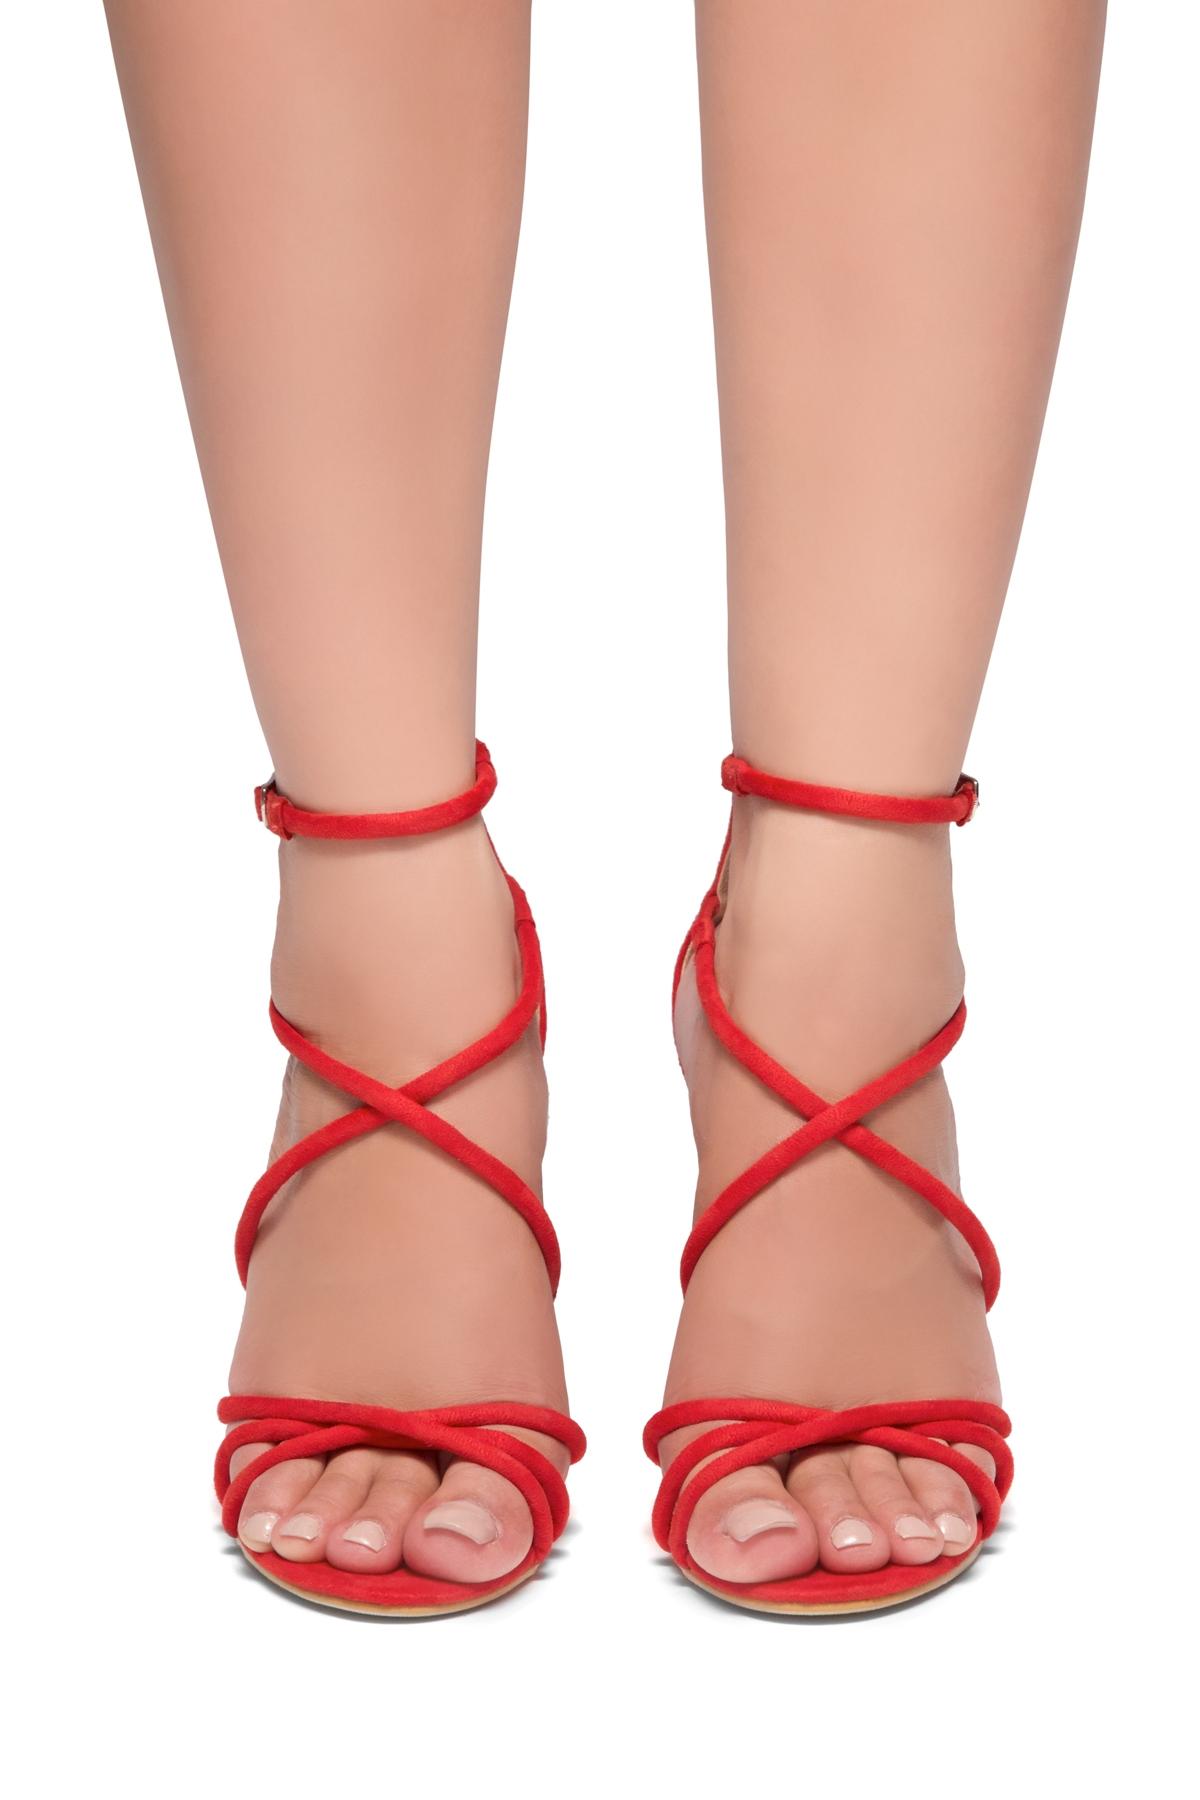 85685f5e66c2fb HerStyle Villarosa-Stiletto heel